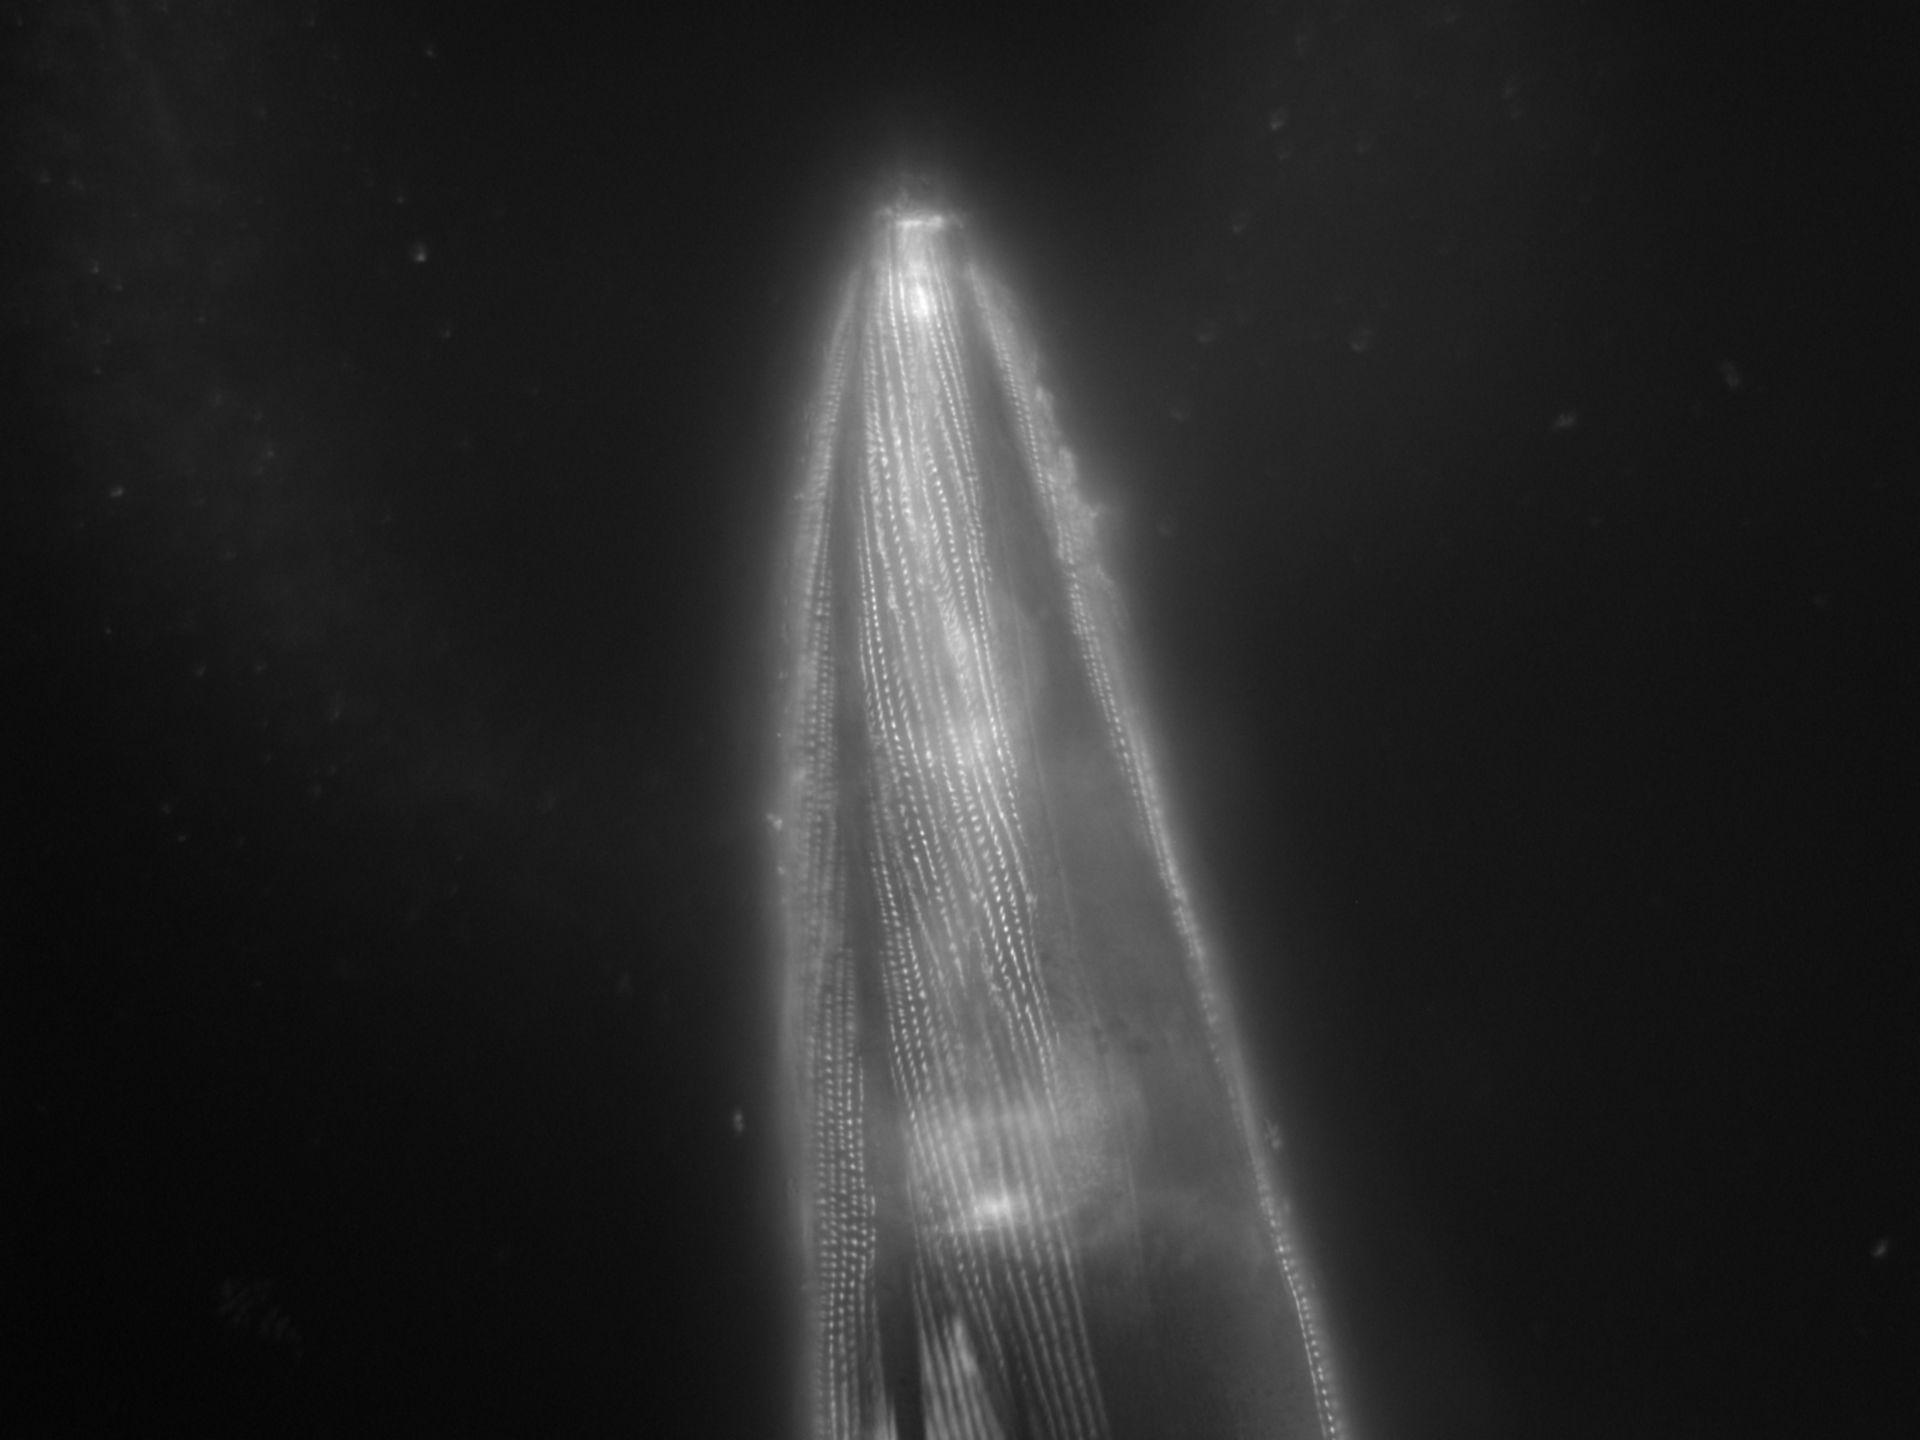 Caenorhabditis elegans (Actin filament) - CIL:1192